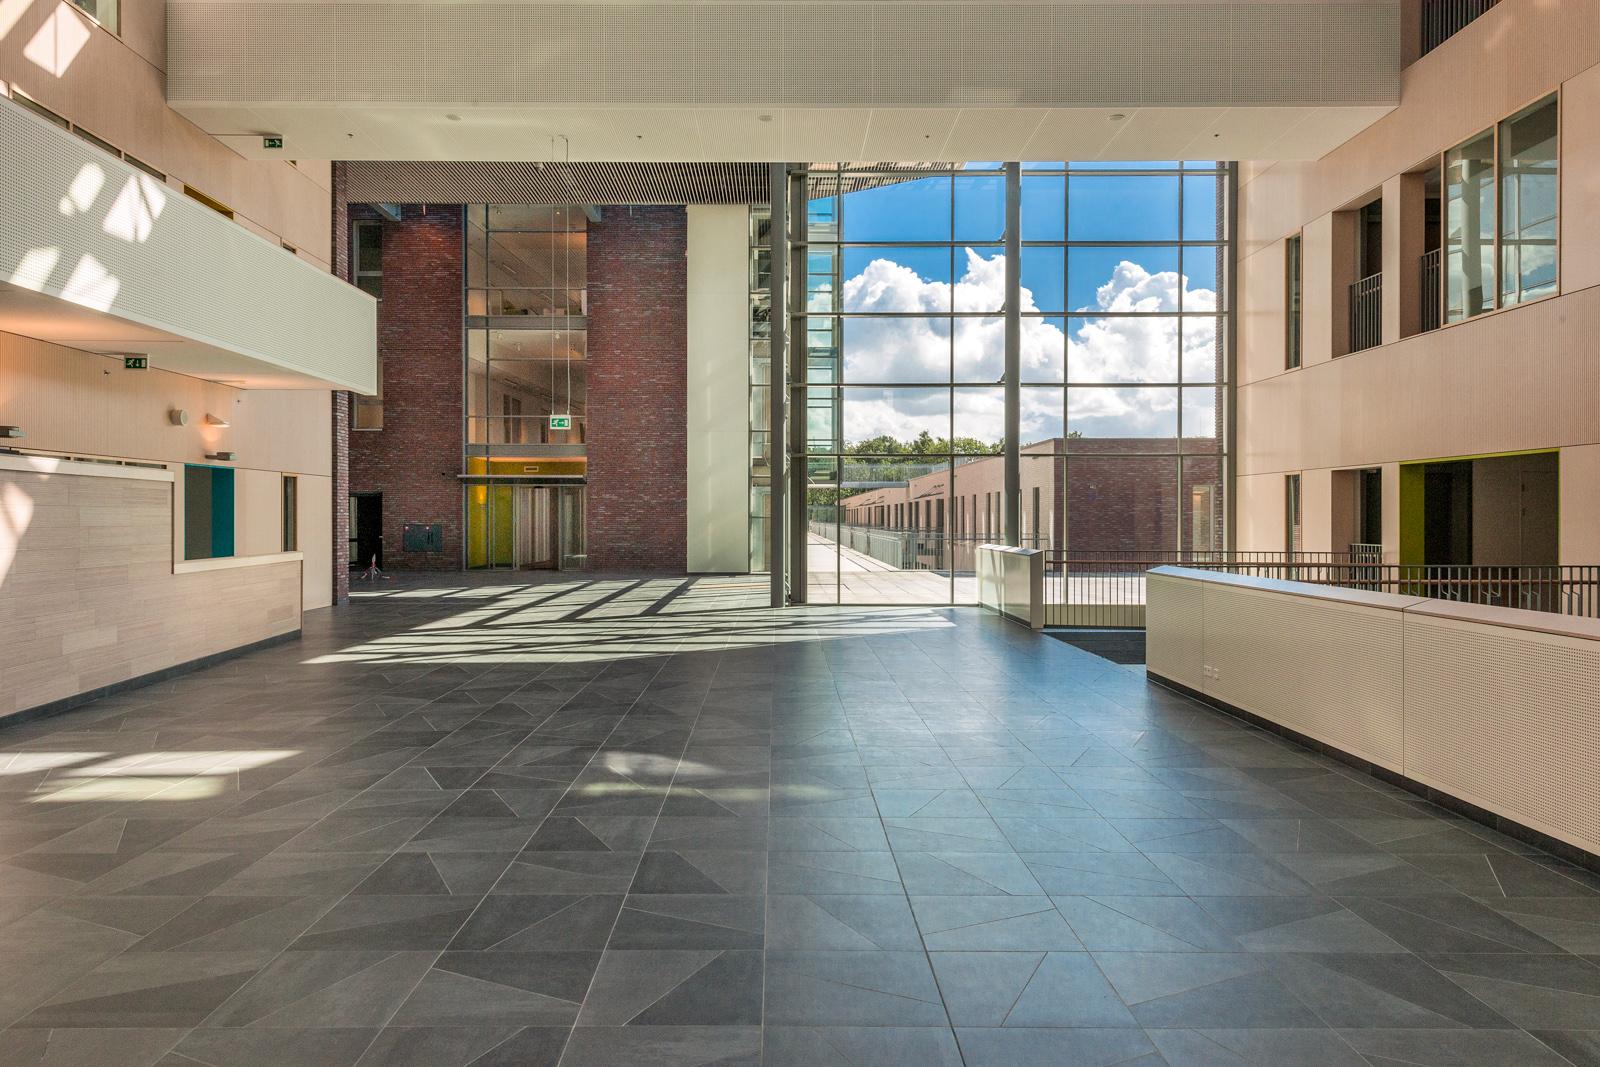 Meander ziekenhuis amersfoort architect atelier pro for Interieur amersfoort